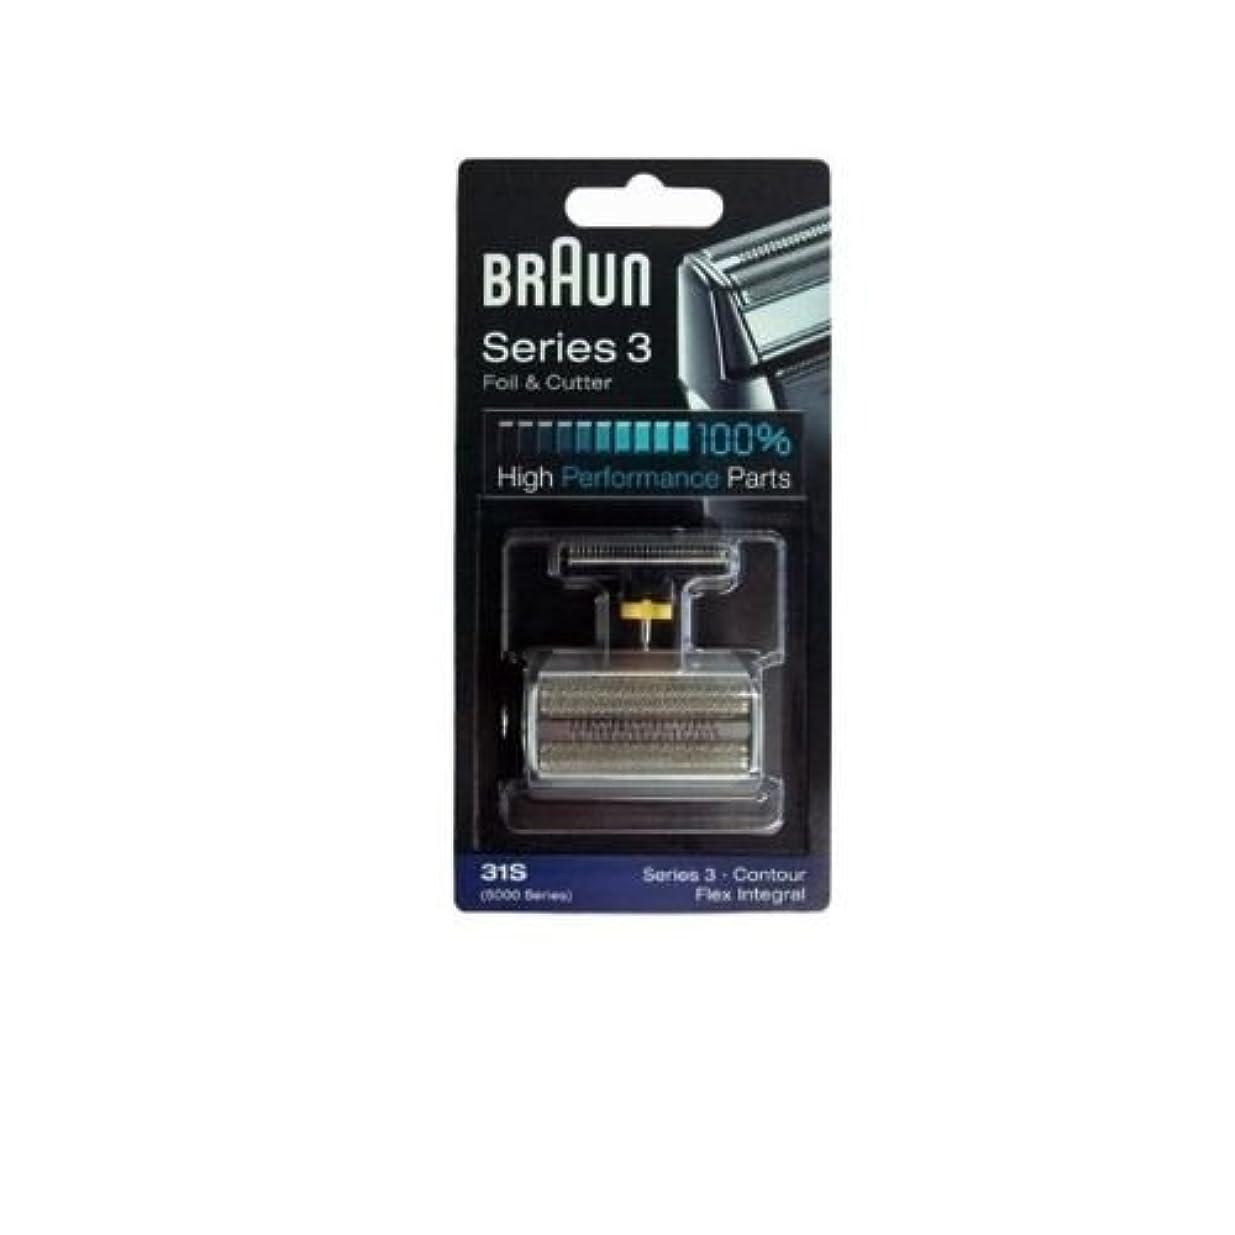 成功する後多分Braun 31S コンビ箔と(旧5000/6000)をカッターの交換パック [並行輸入品]